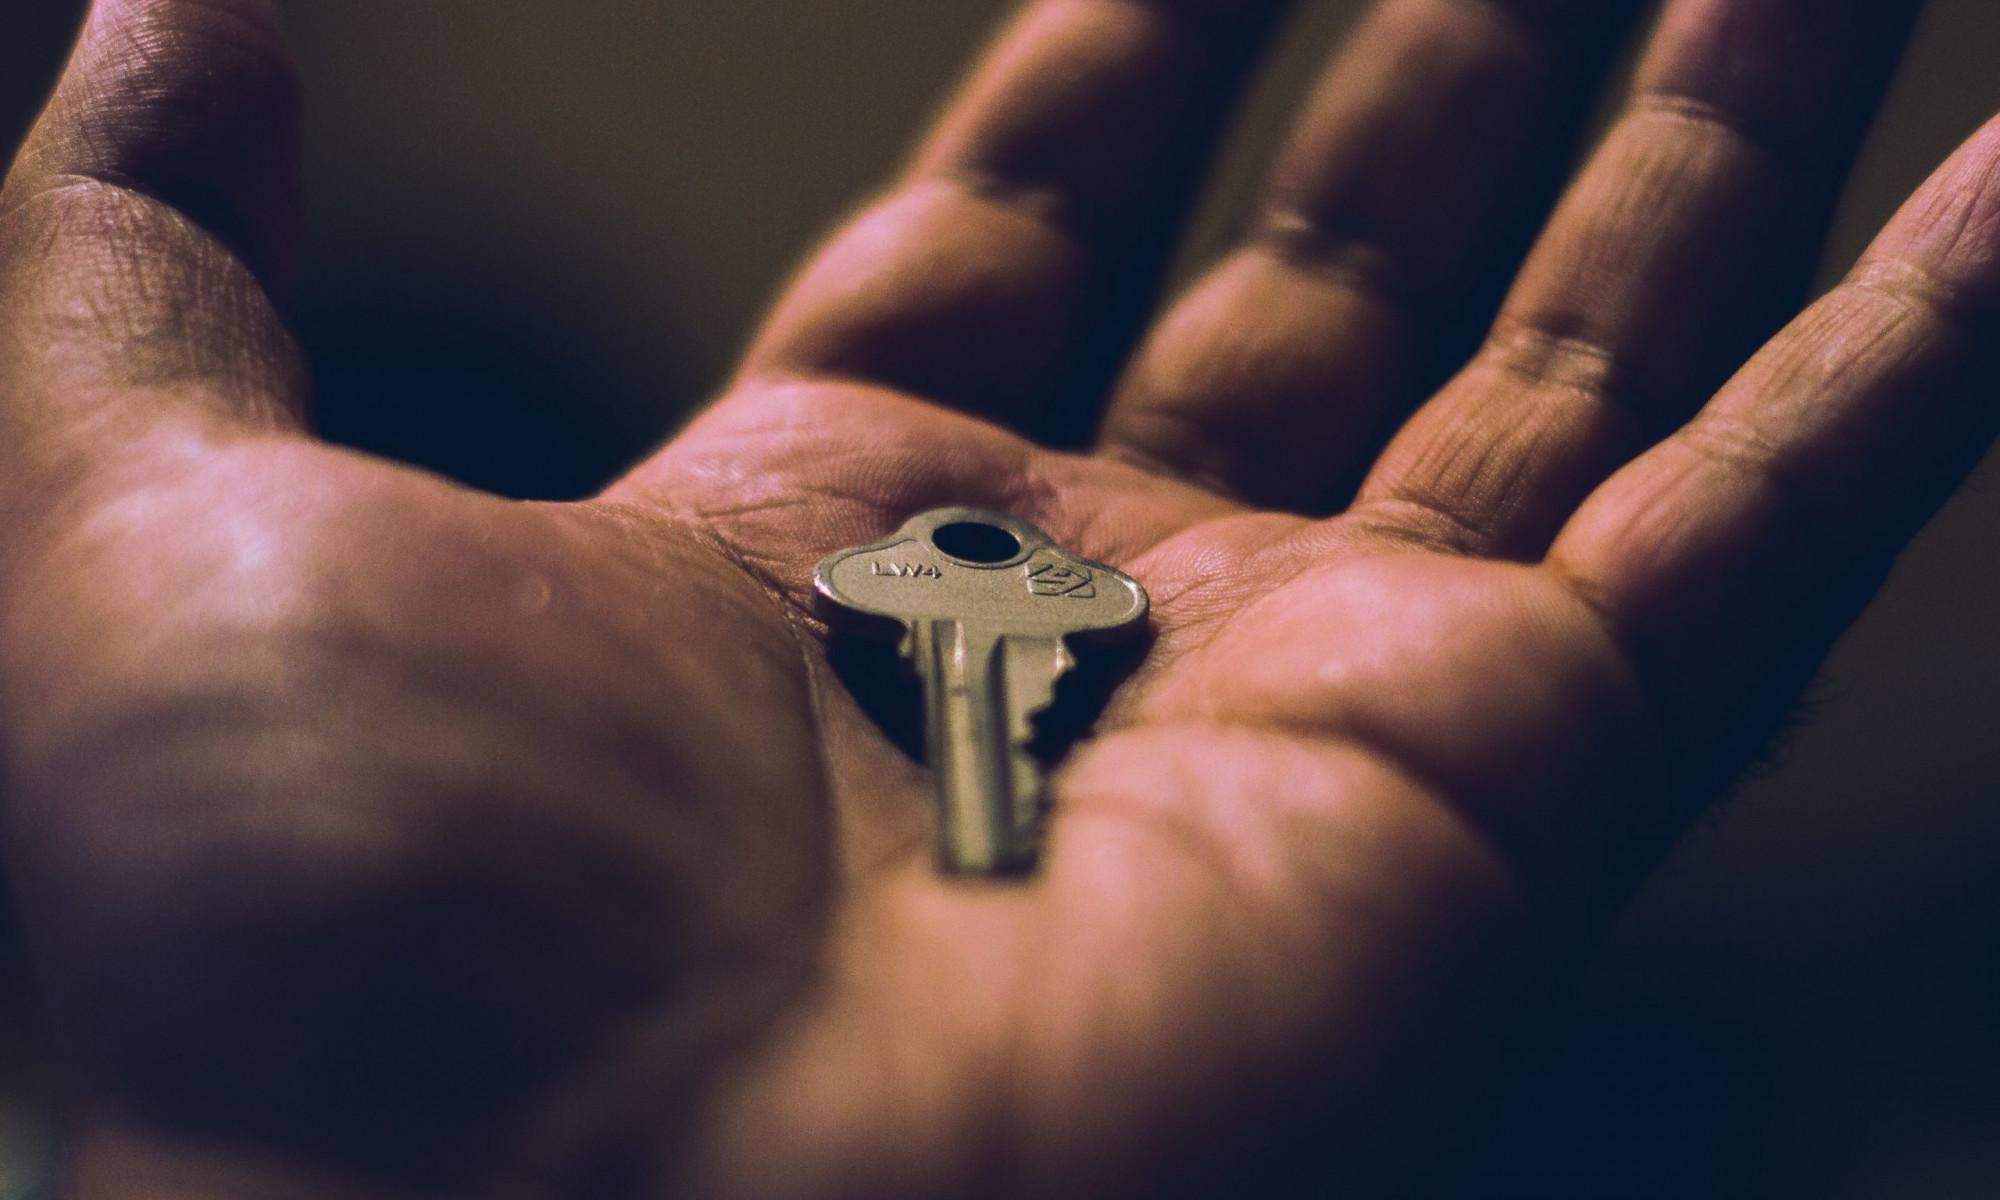 Schlüssel in einer Hand